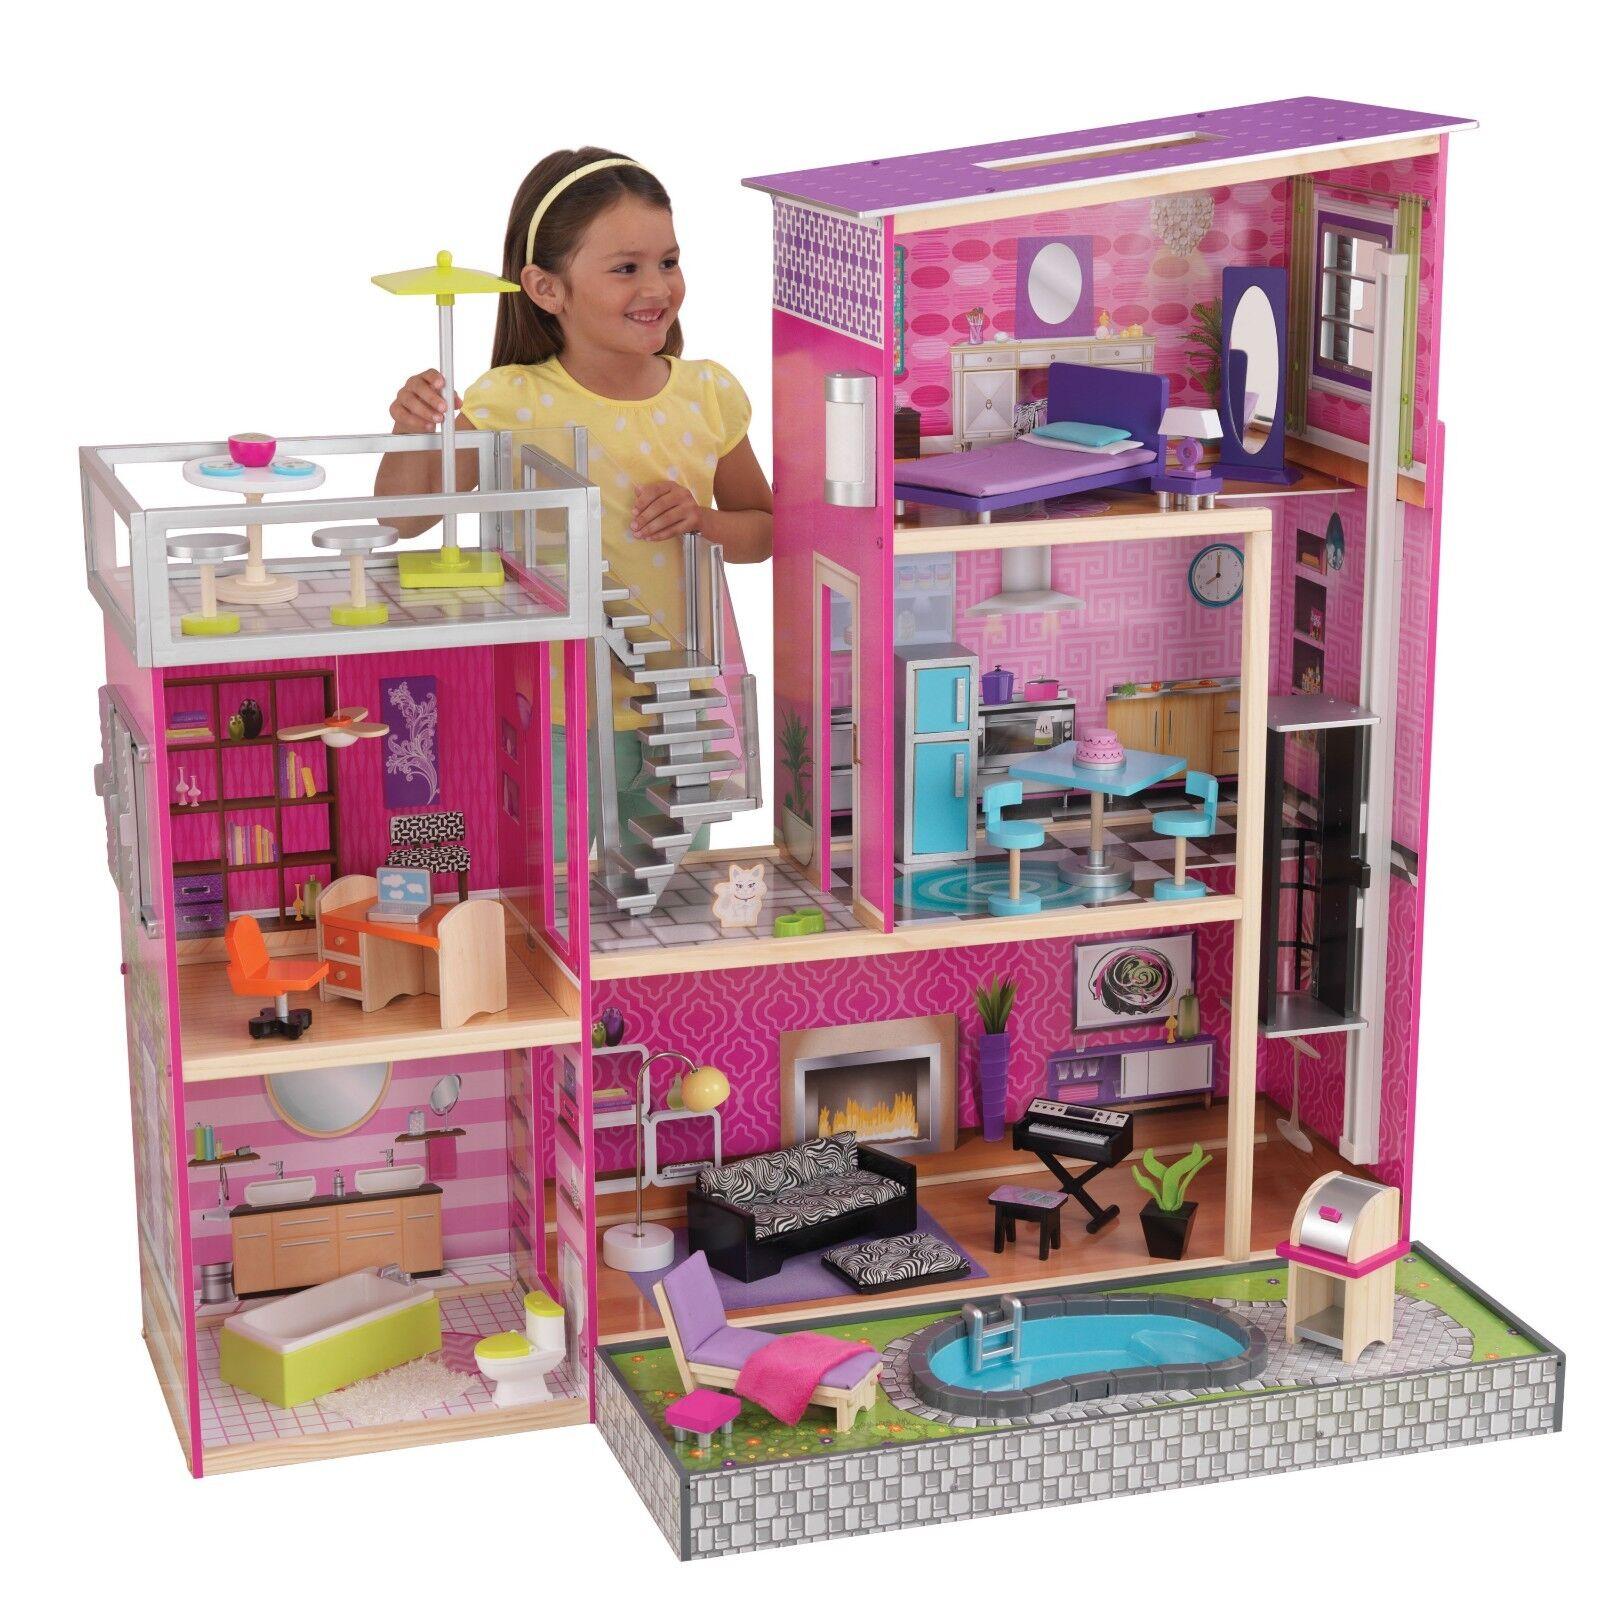 Profitez de la fin de l'année, copiez le prix prix le du cadeau, c'est au-delà de votre imagination! Kidkraft 65833 Maison de Poupée Dollhouse Uptown bois 02ee92